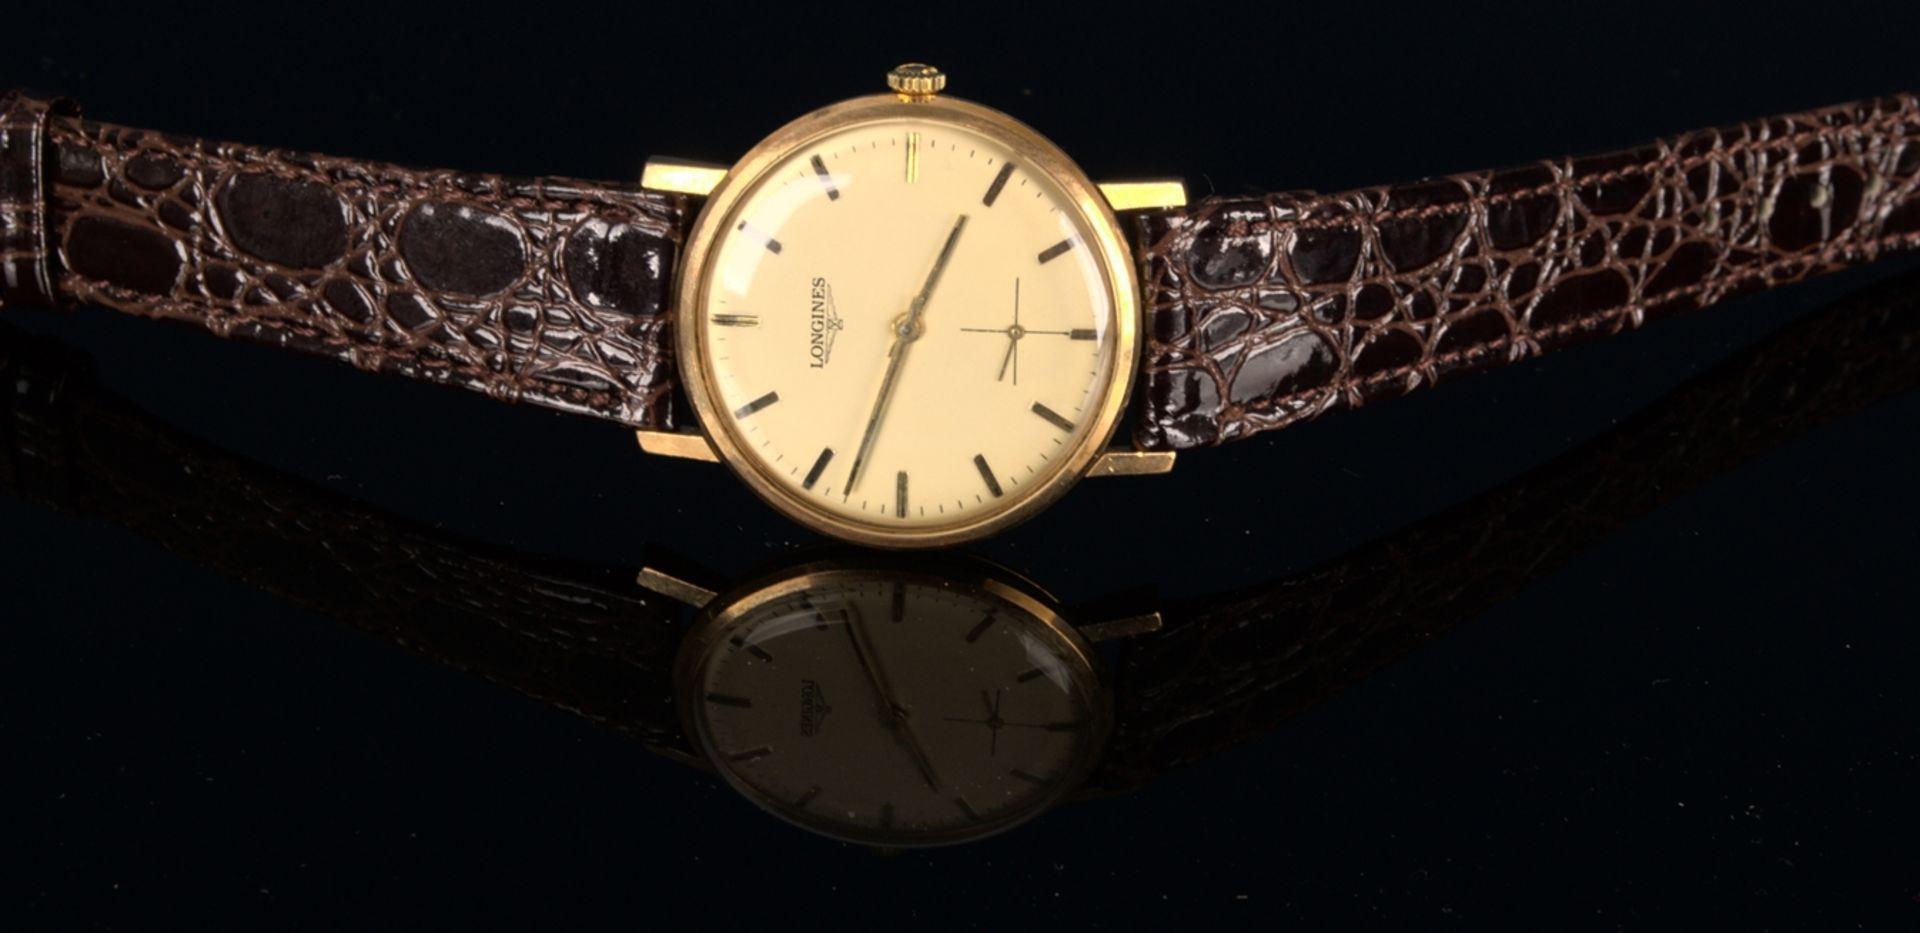 """""""LONGINES"""" - Elegante, goldene Herrenarmbanduhr der Marke Longines. Gehäuse in 18 K Gelbgold, - Bild 6 aus 12"""